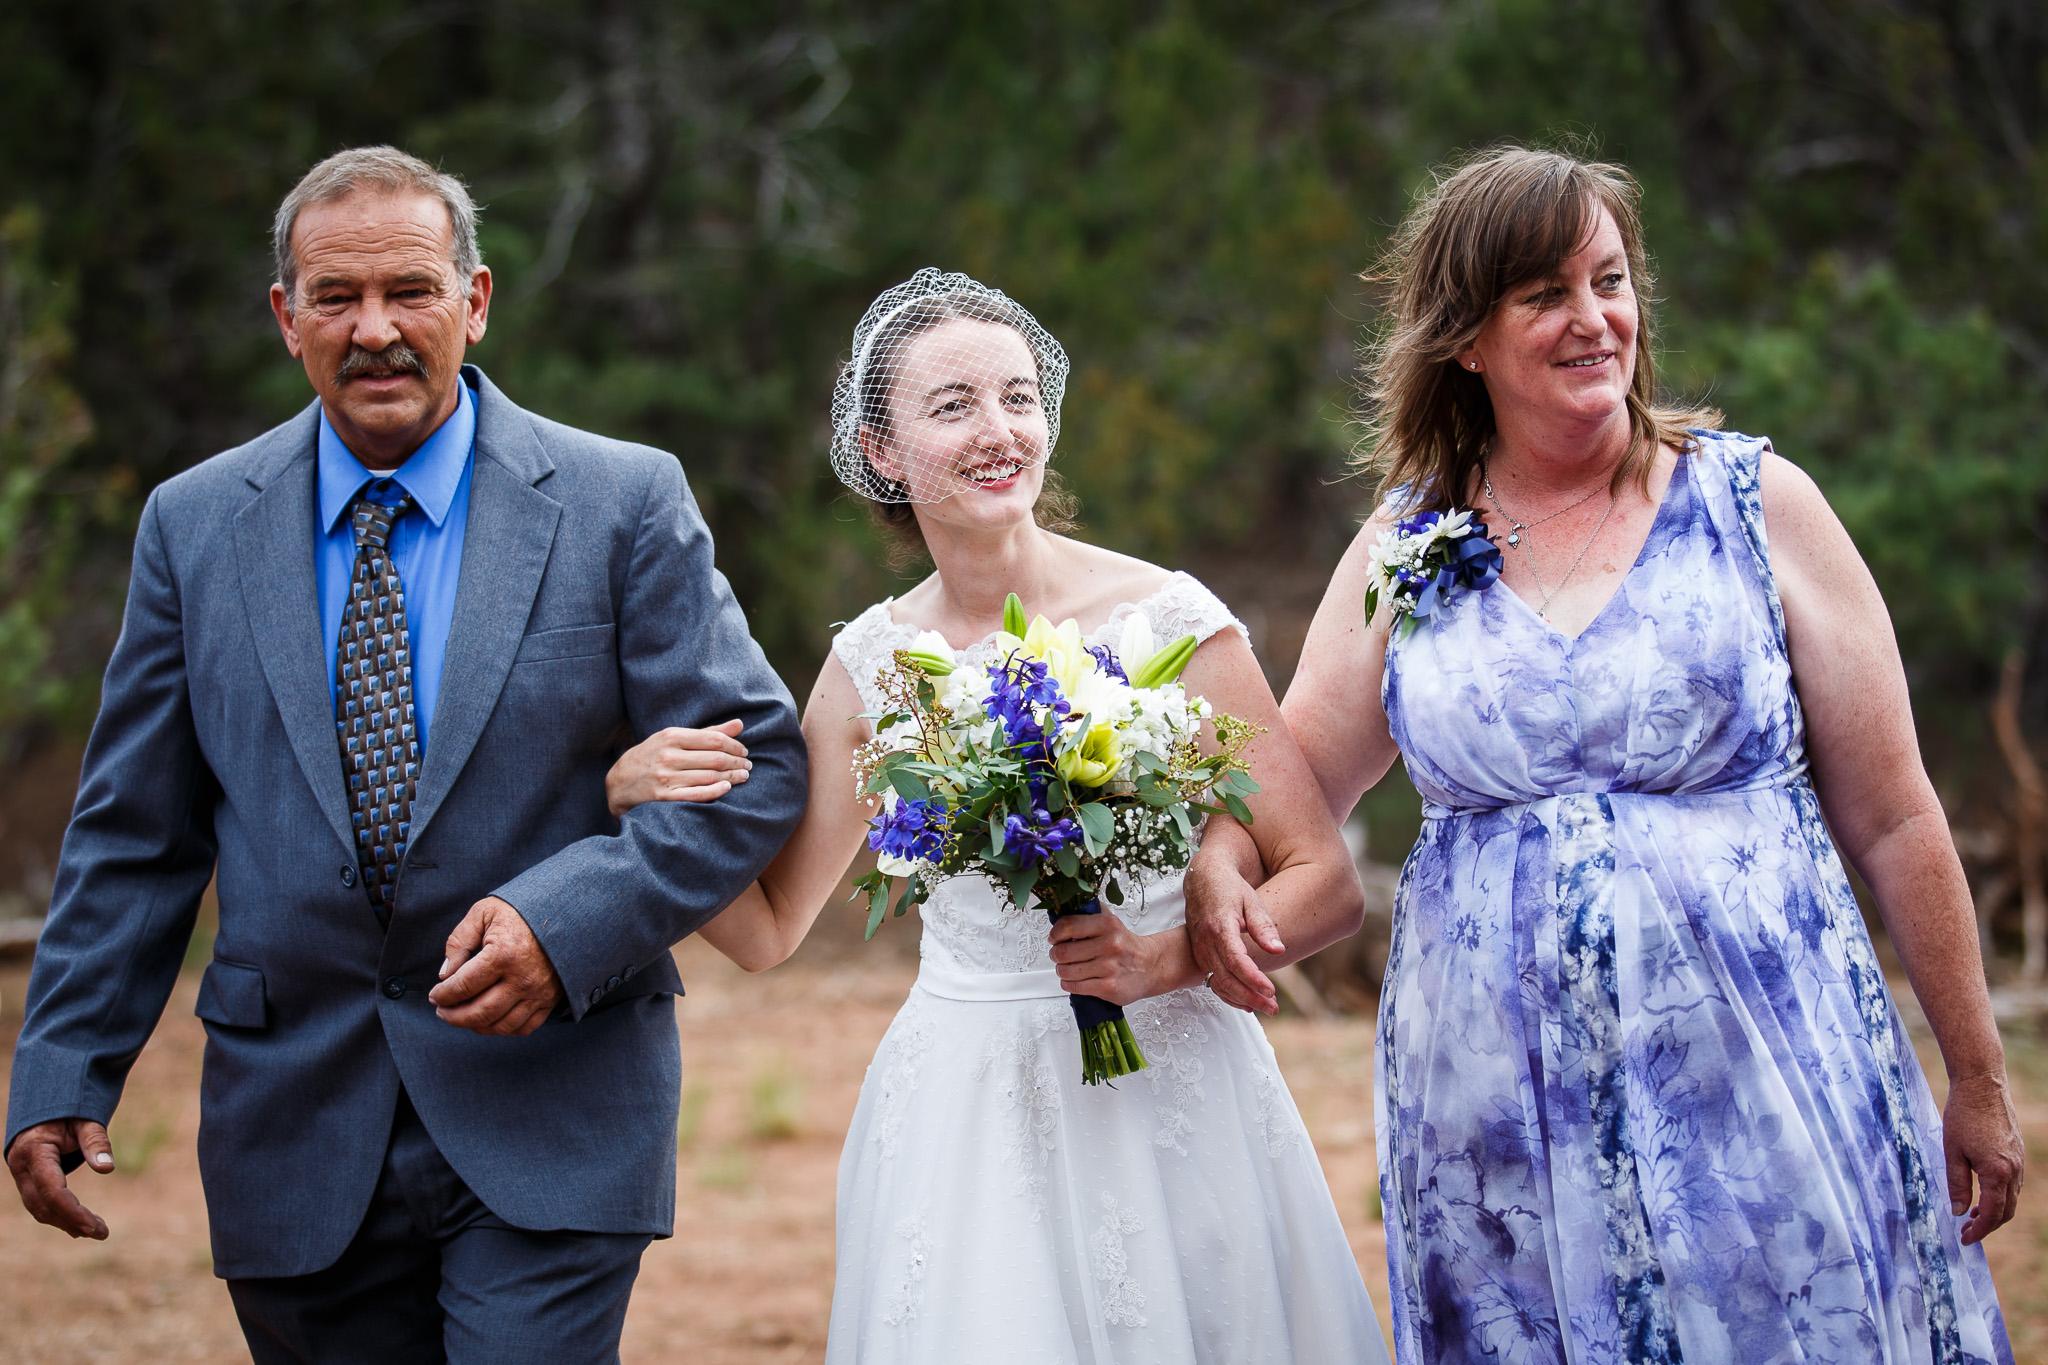 wedding-albuquerque-tijeras-ywca-pinon-canyon-center-0050.jpg